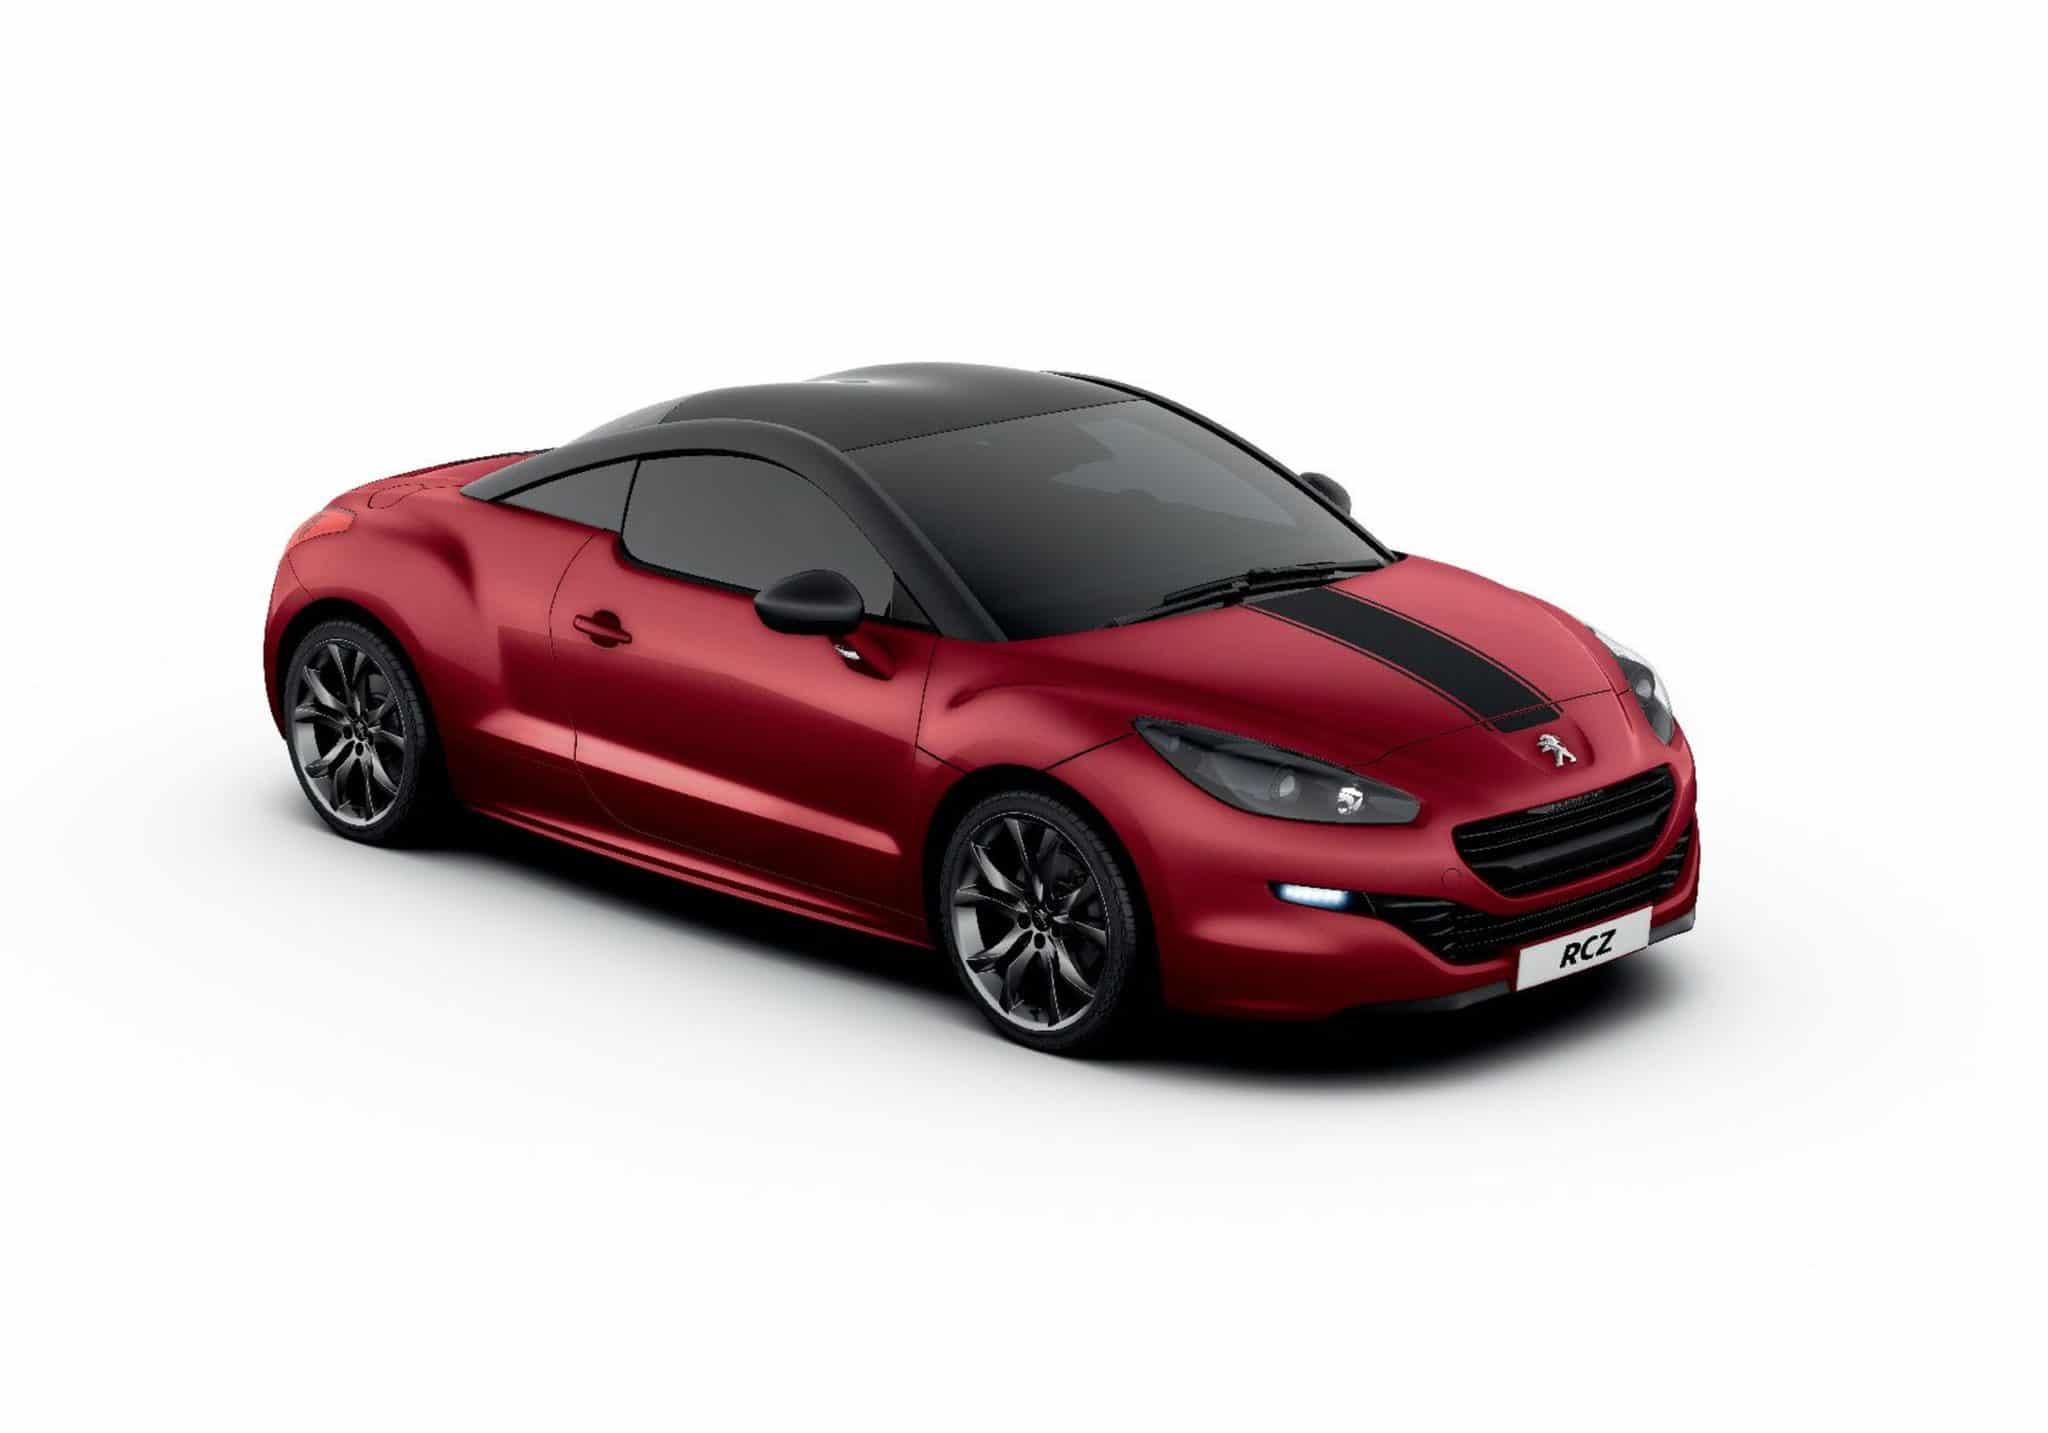 Nuova Peugeot RCZ: rinnovato design sportivo e prestazioni migliorate